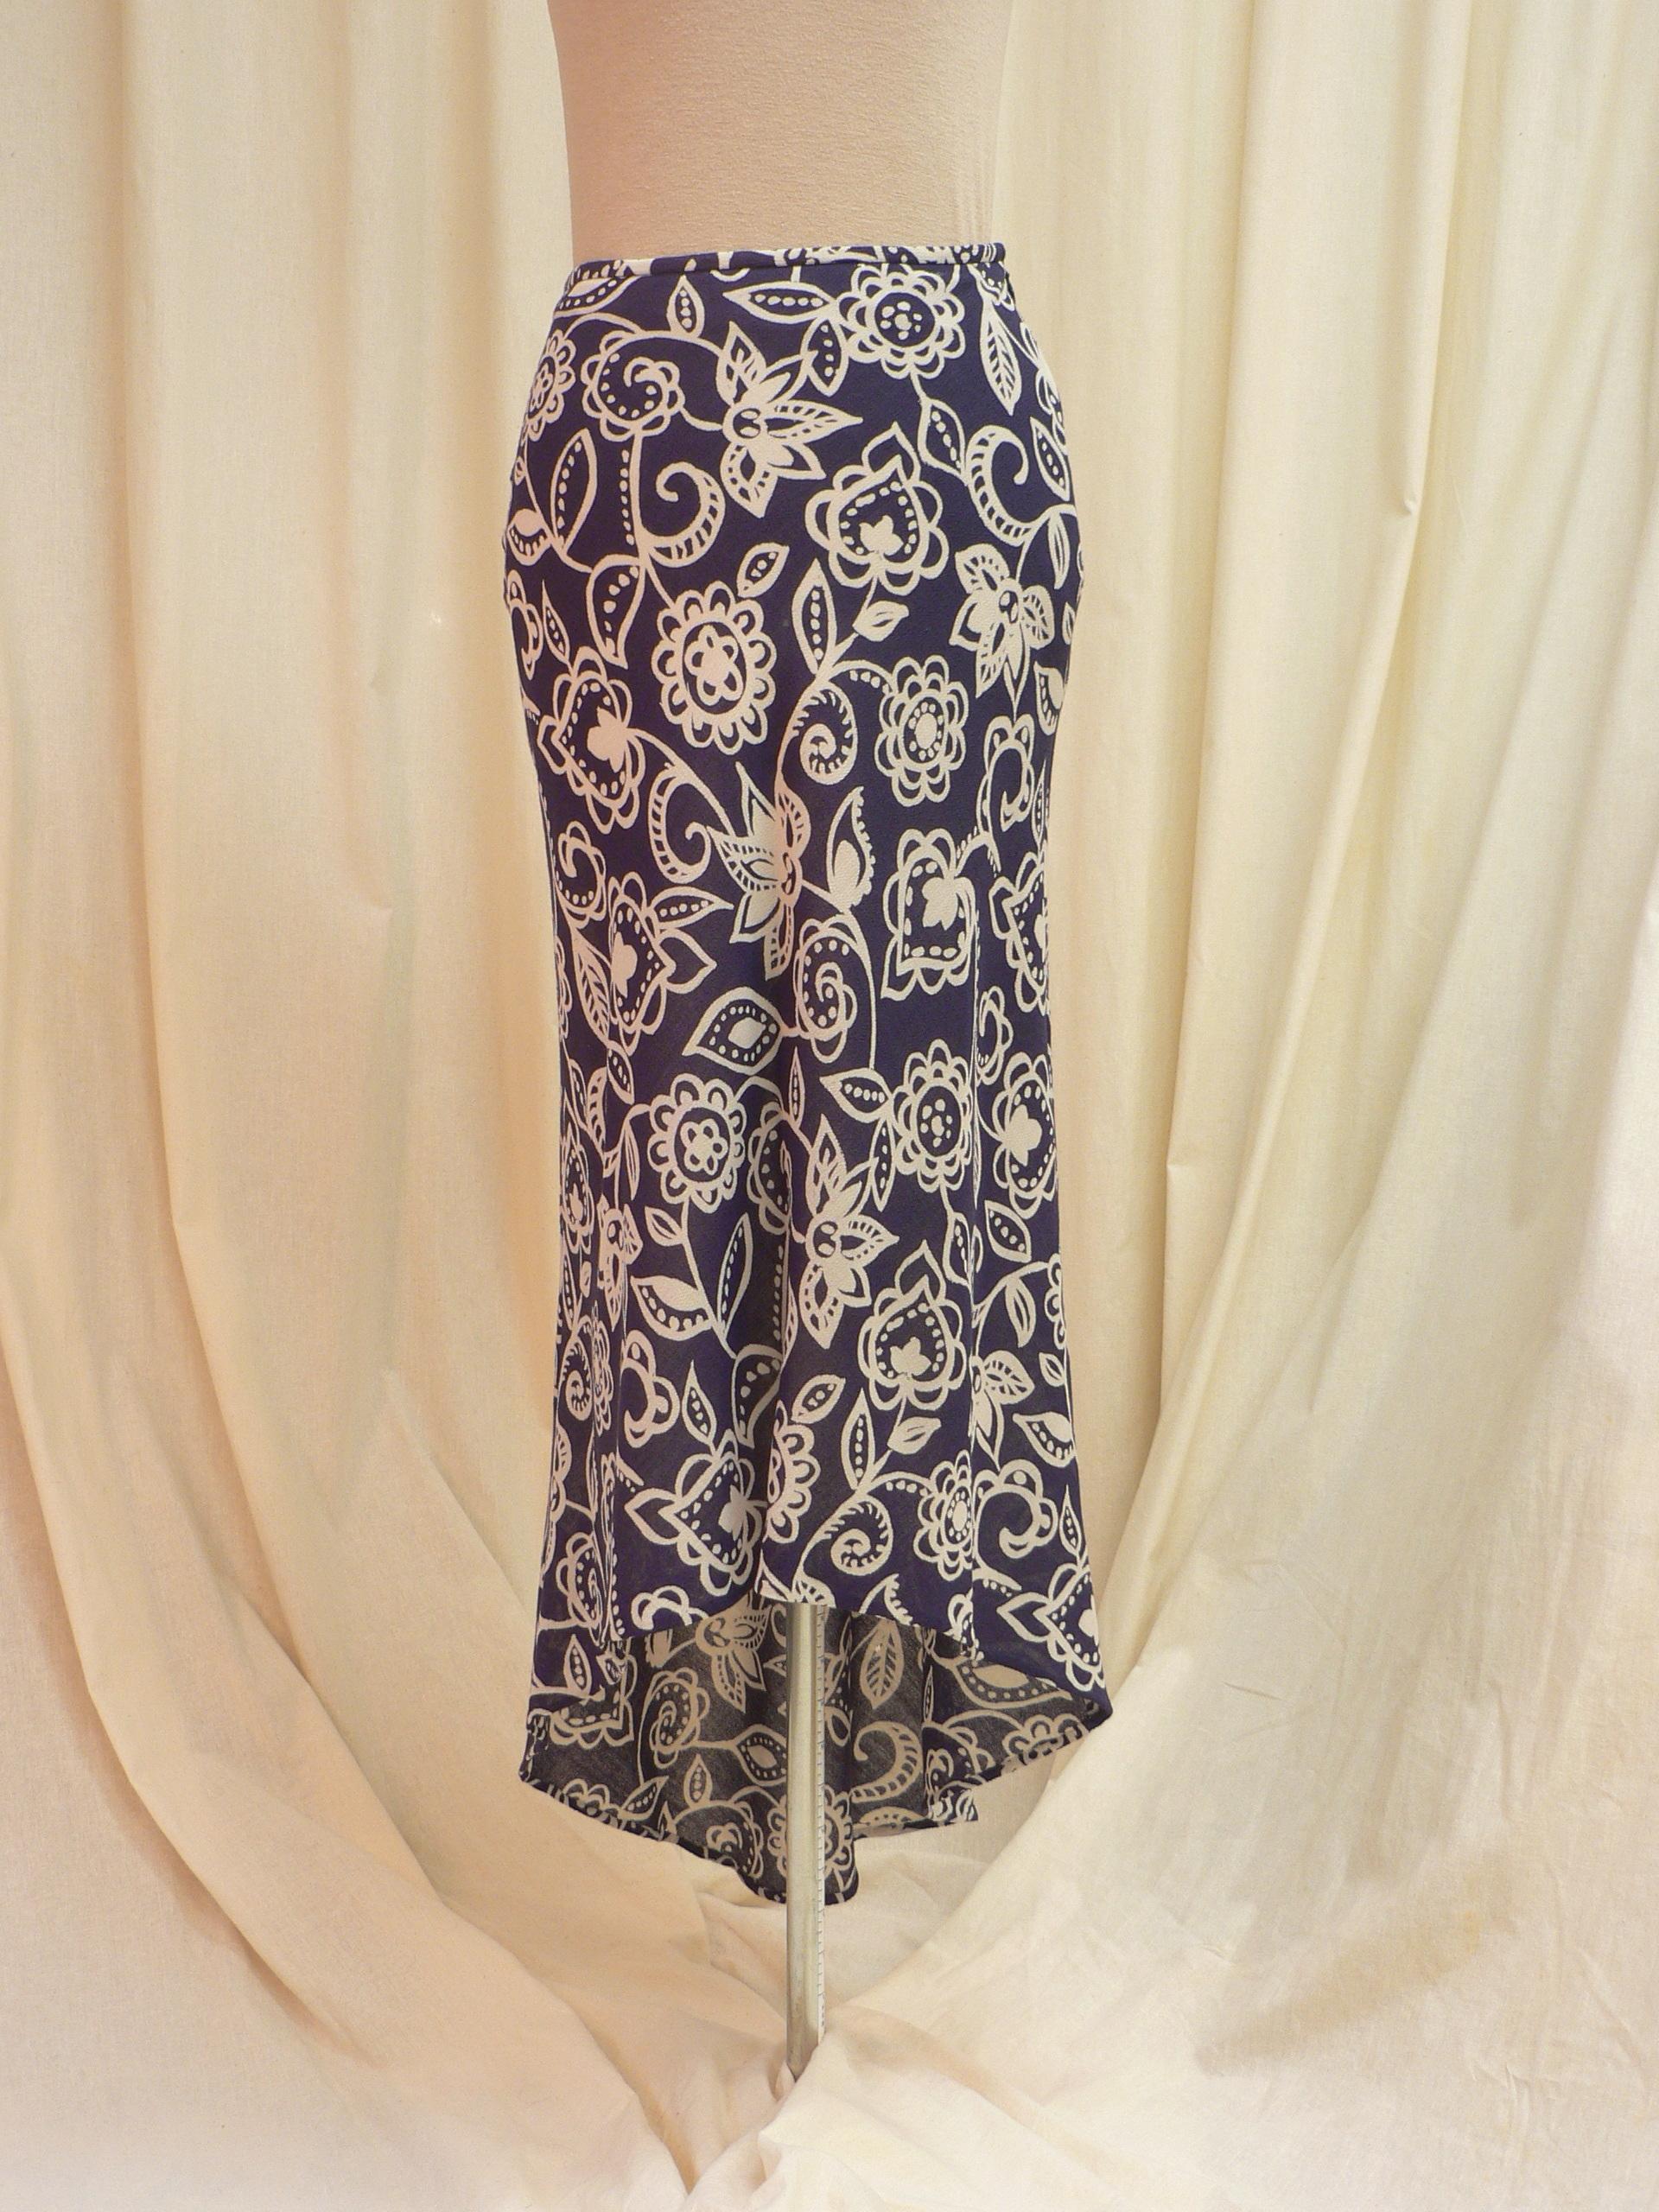 skirt06_front.JPG